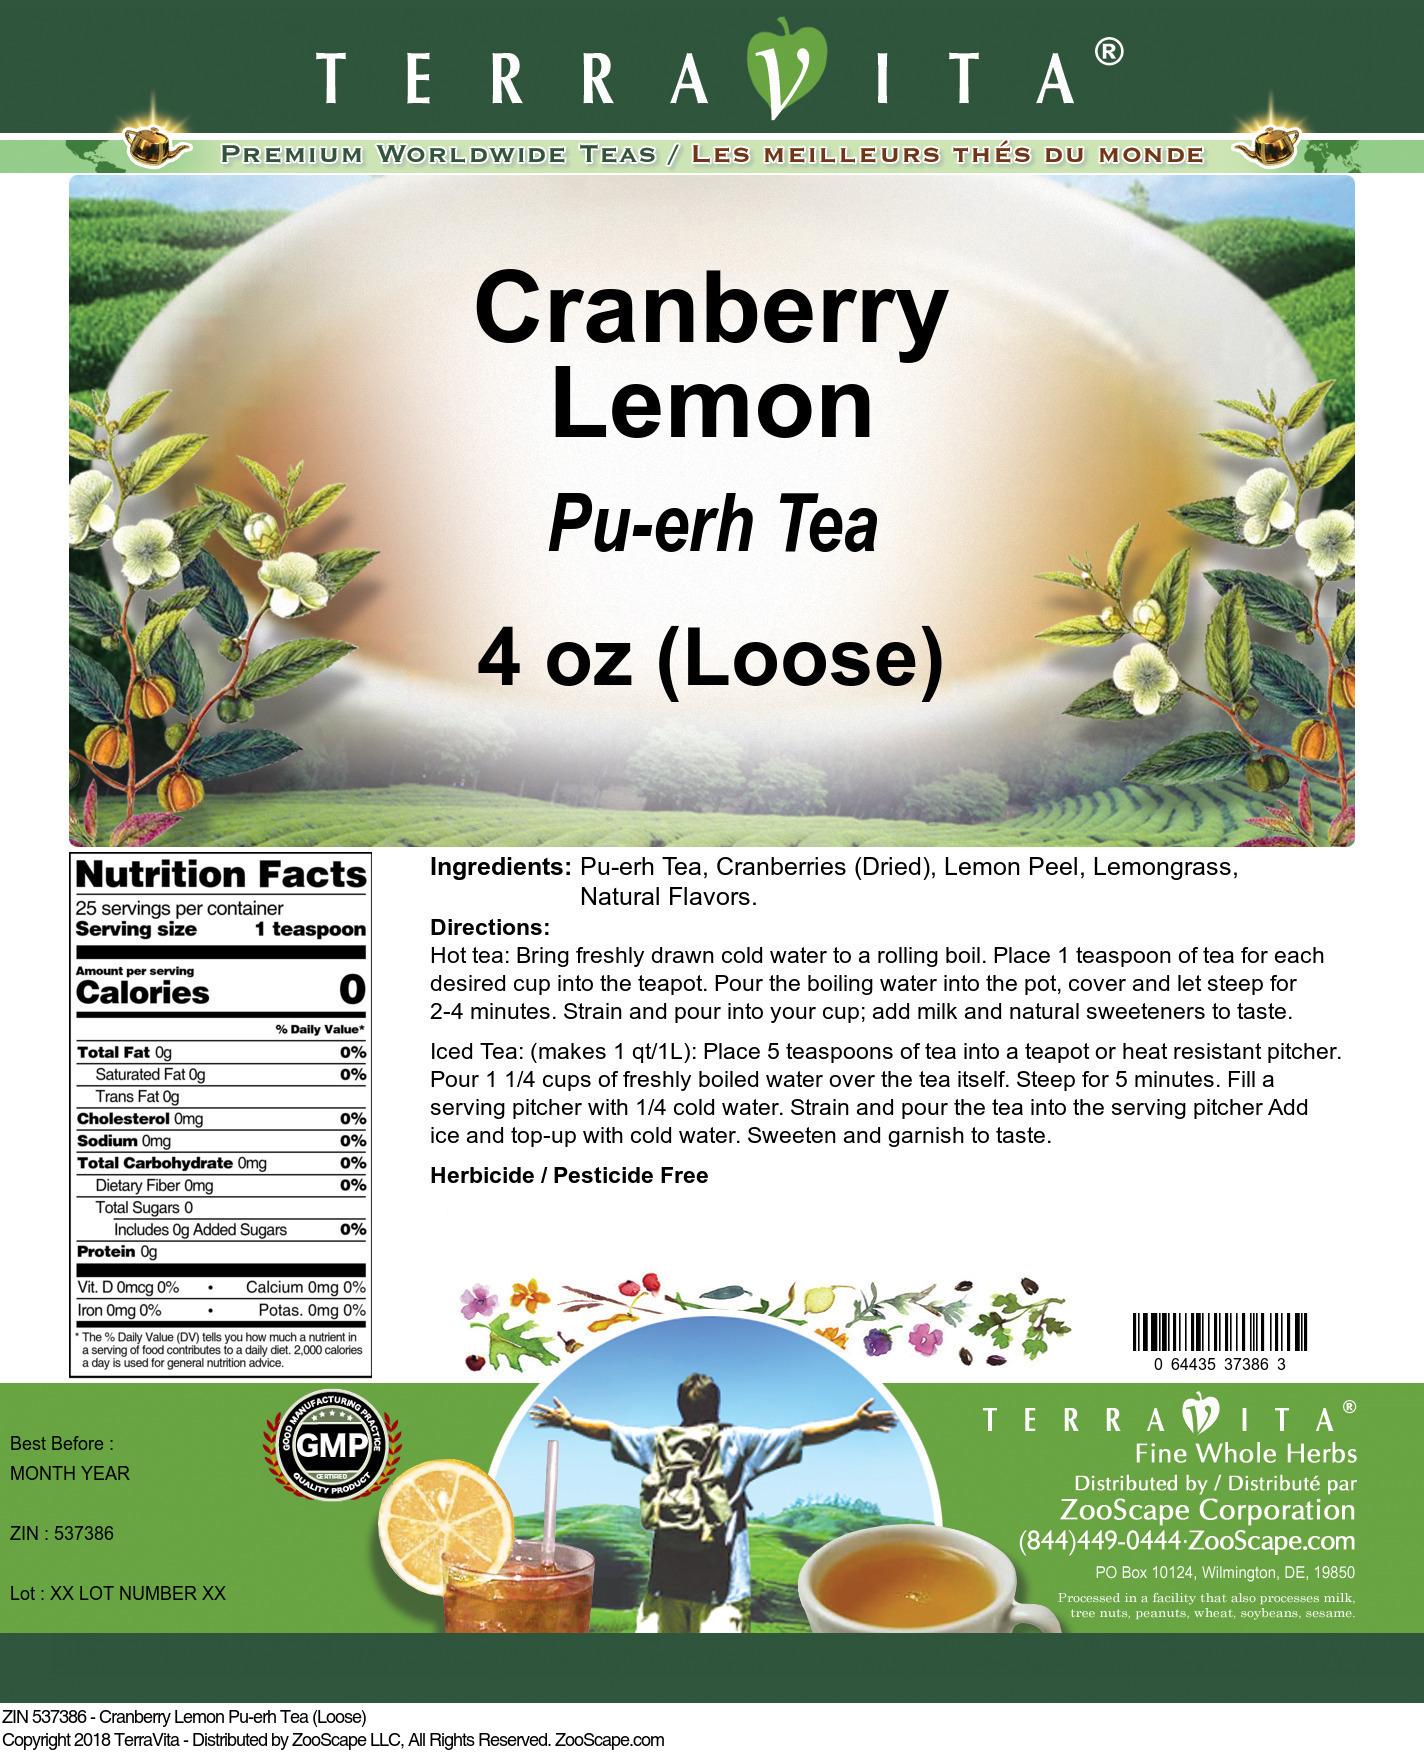 Cranberry Lemon Pu-erh Tea (Loose)